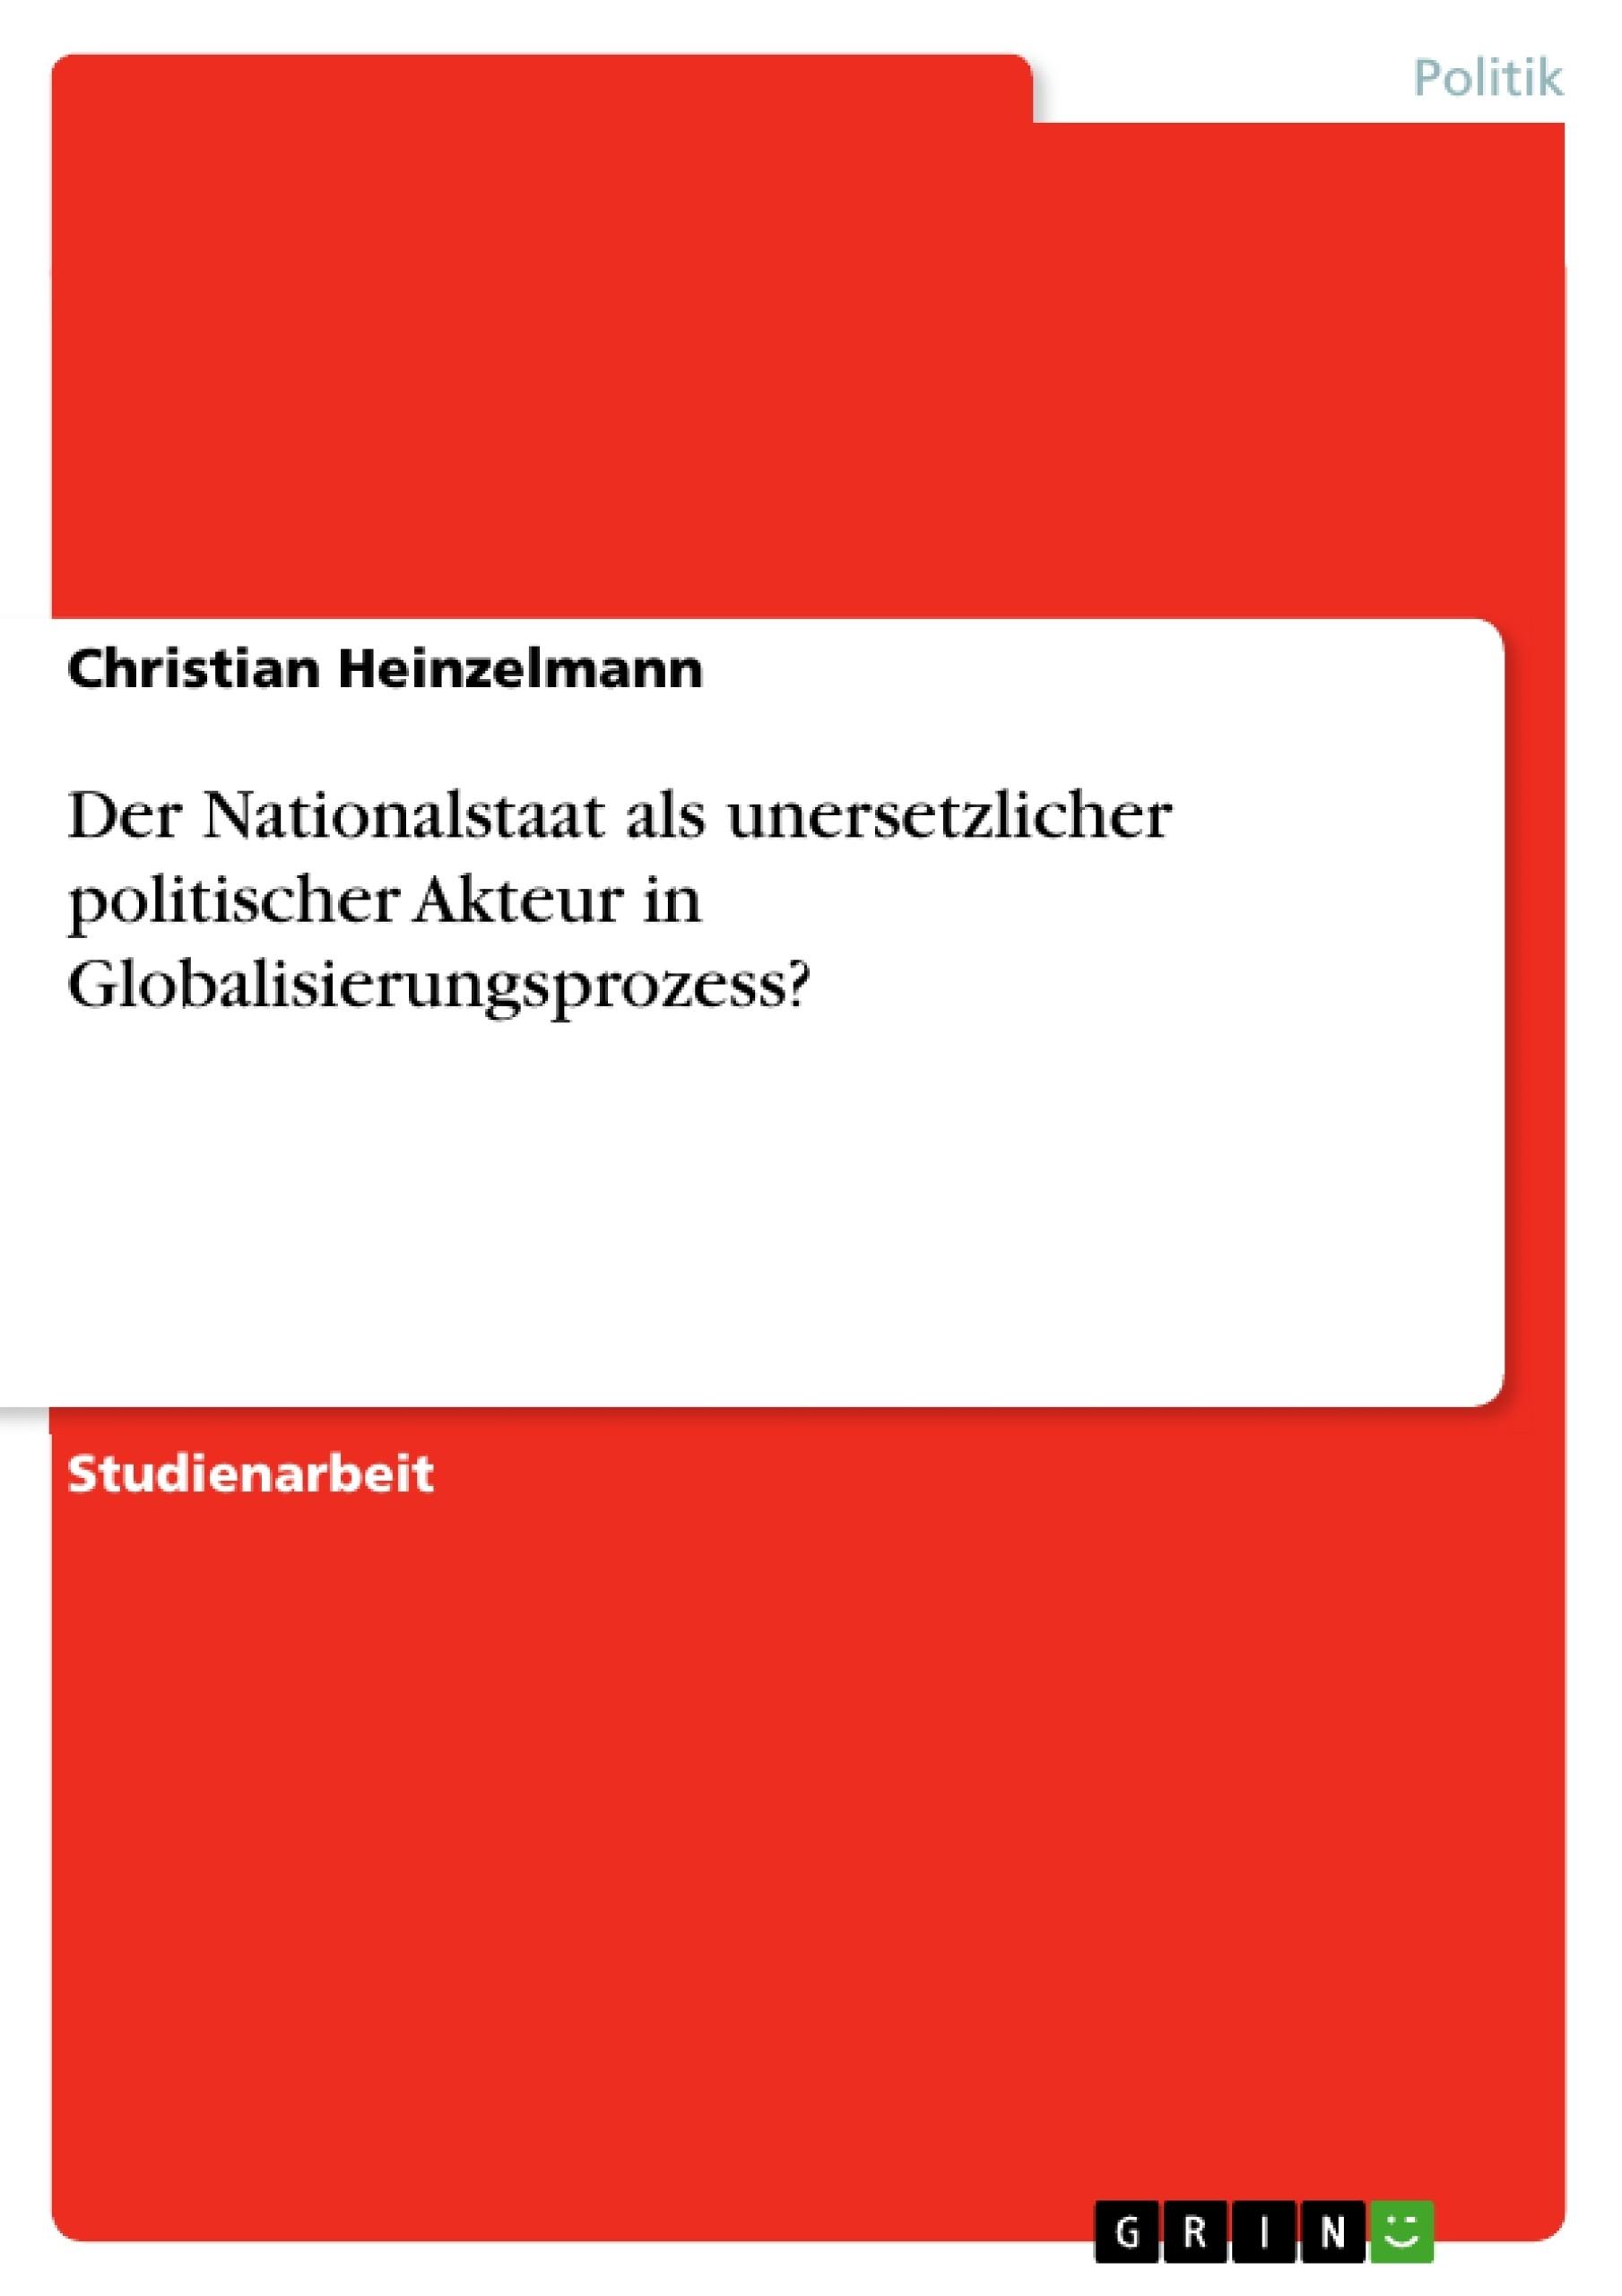 Titel: Der Nationalstaat als unersetzlicher politischer Akteur in Globalisierungsprozess?